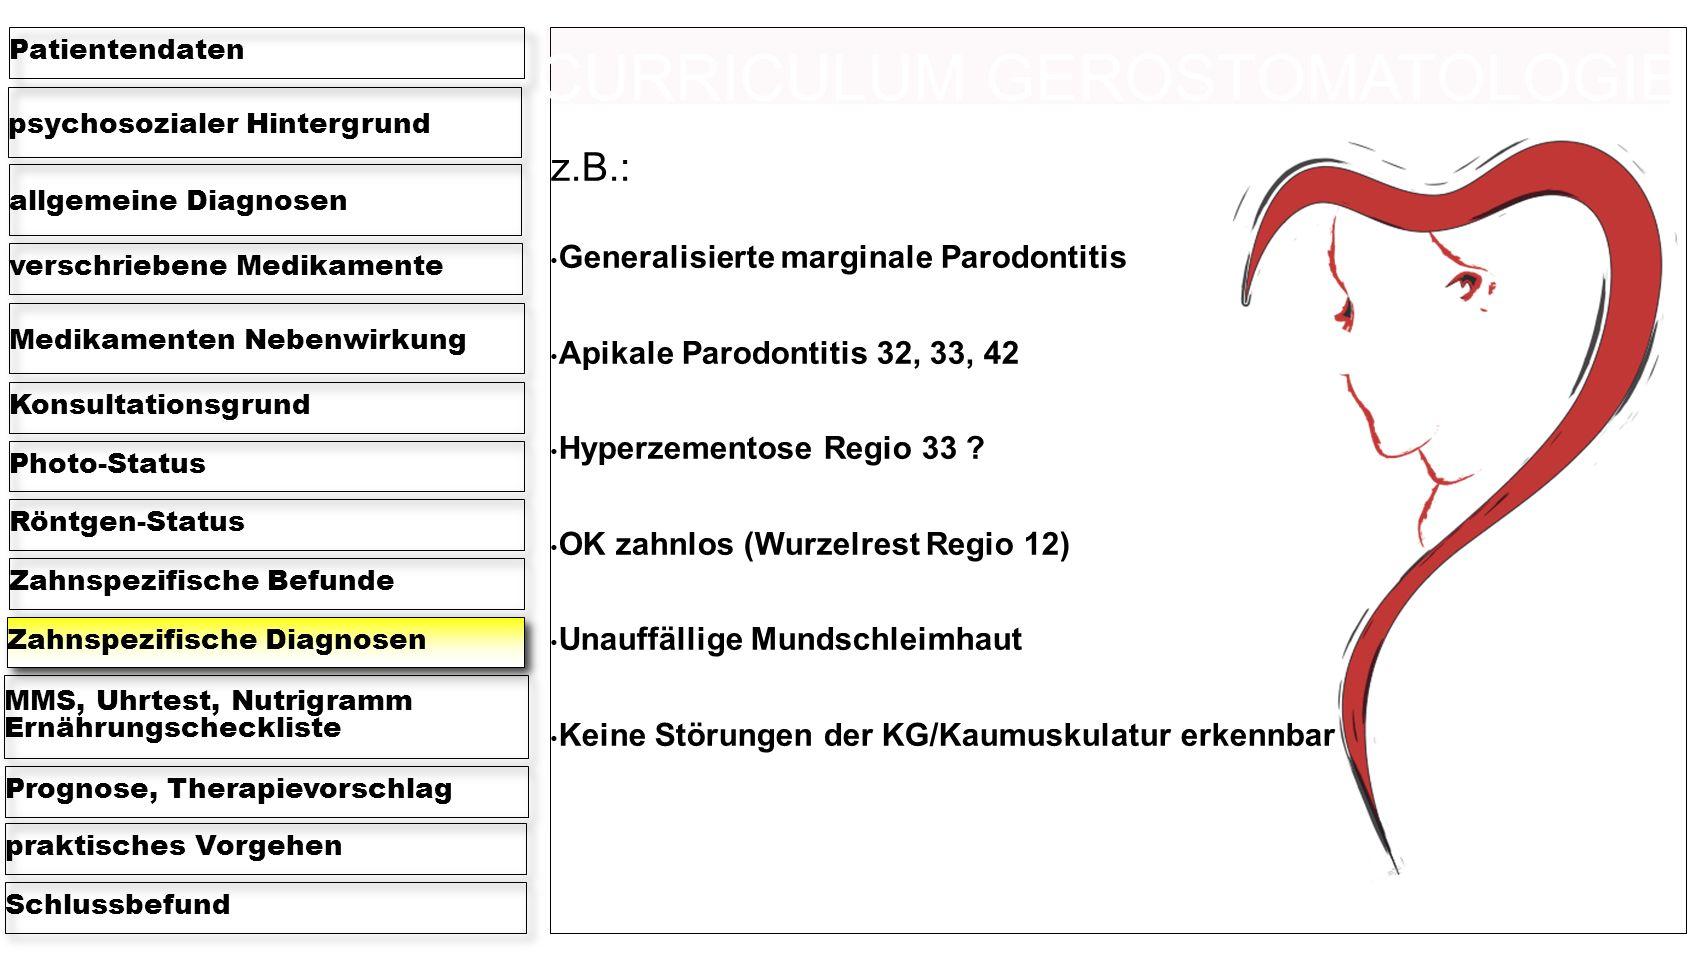 psychosozialer Hintergrund Patientendaten allgemeine Diagnosen verschriebene Medikamente Medikamenten Nebenwirkung KonsultationsgrundPhoto-StatusRöntgen-StatusZahnspezifische BefundeZahnspezifische Diagnosen MMS, Uhrtest, Nutrigramm Ernährungscheckliste Prognose, Therapievorschlagpraktisches VorgehenSchlussbefund z.B.: Generalisierte marginale Parodontitis Apikale Parodontitis 32, 33, 42 Hyperzementose Regio 33 .